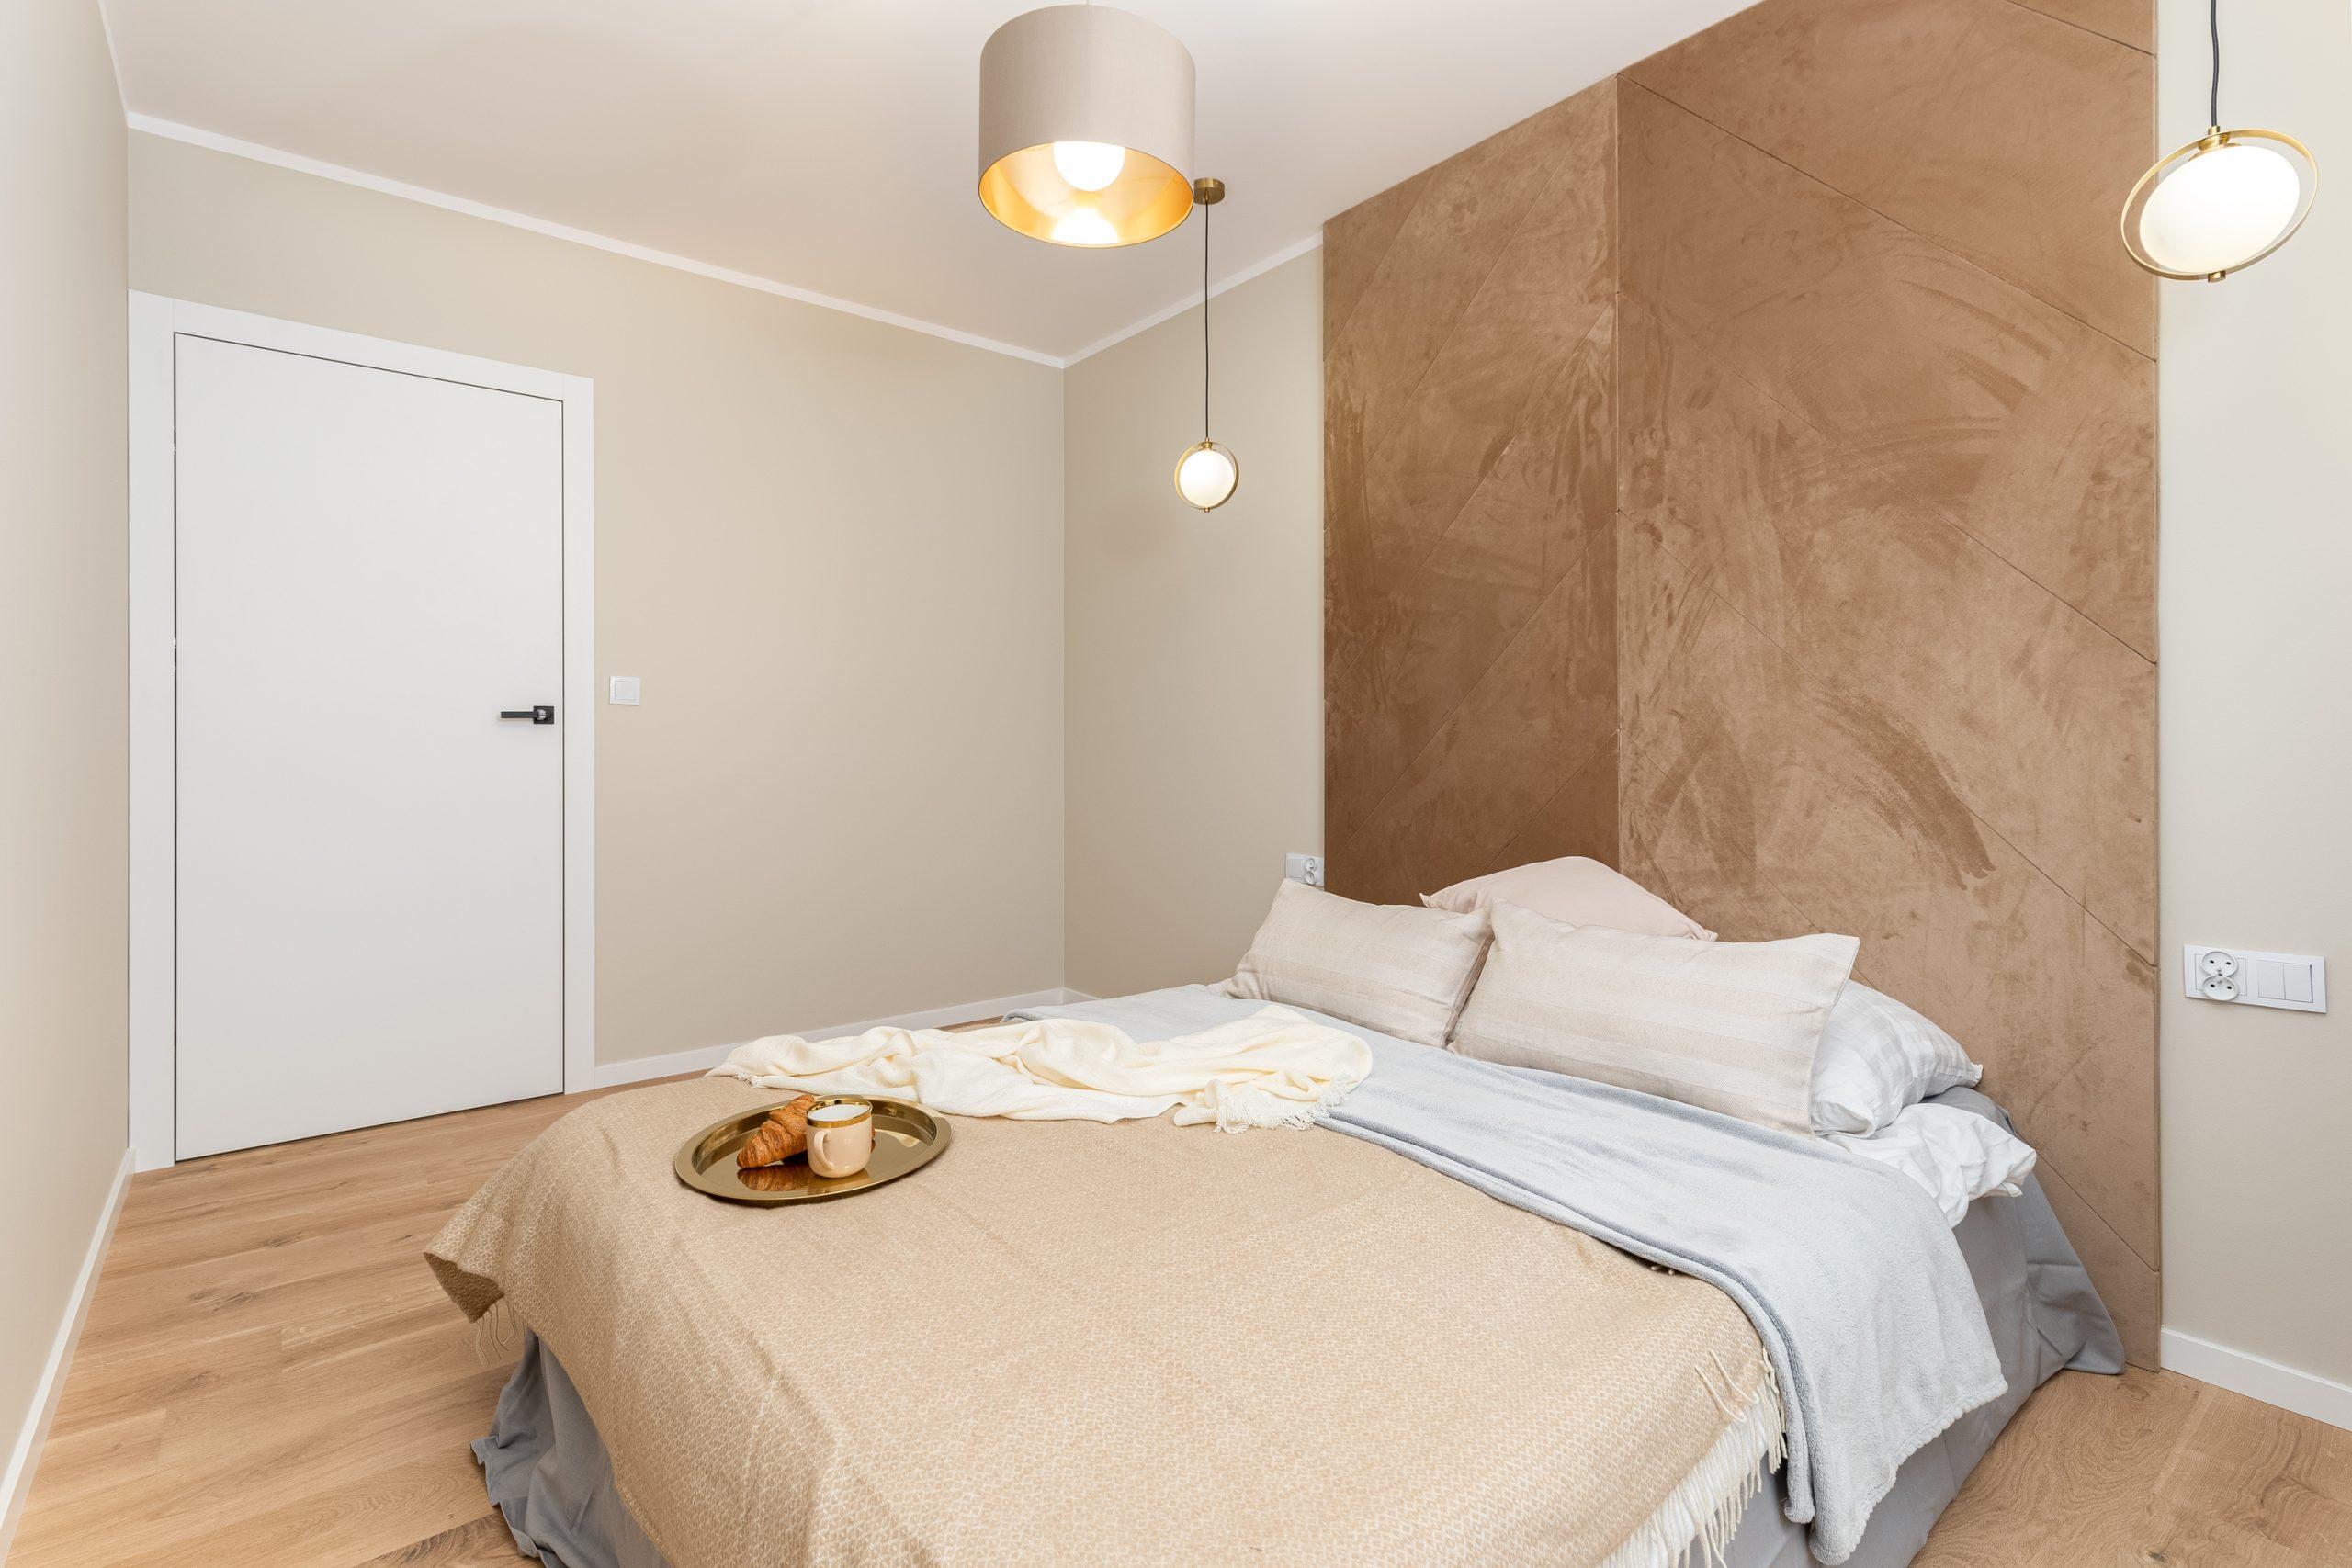 Przestronna sypialnia z miejscem na szafę